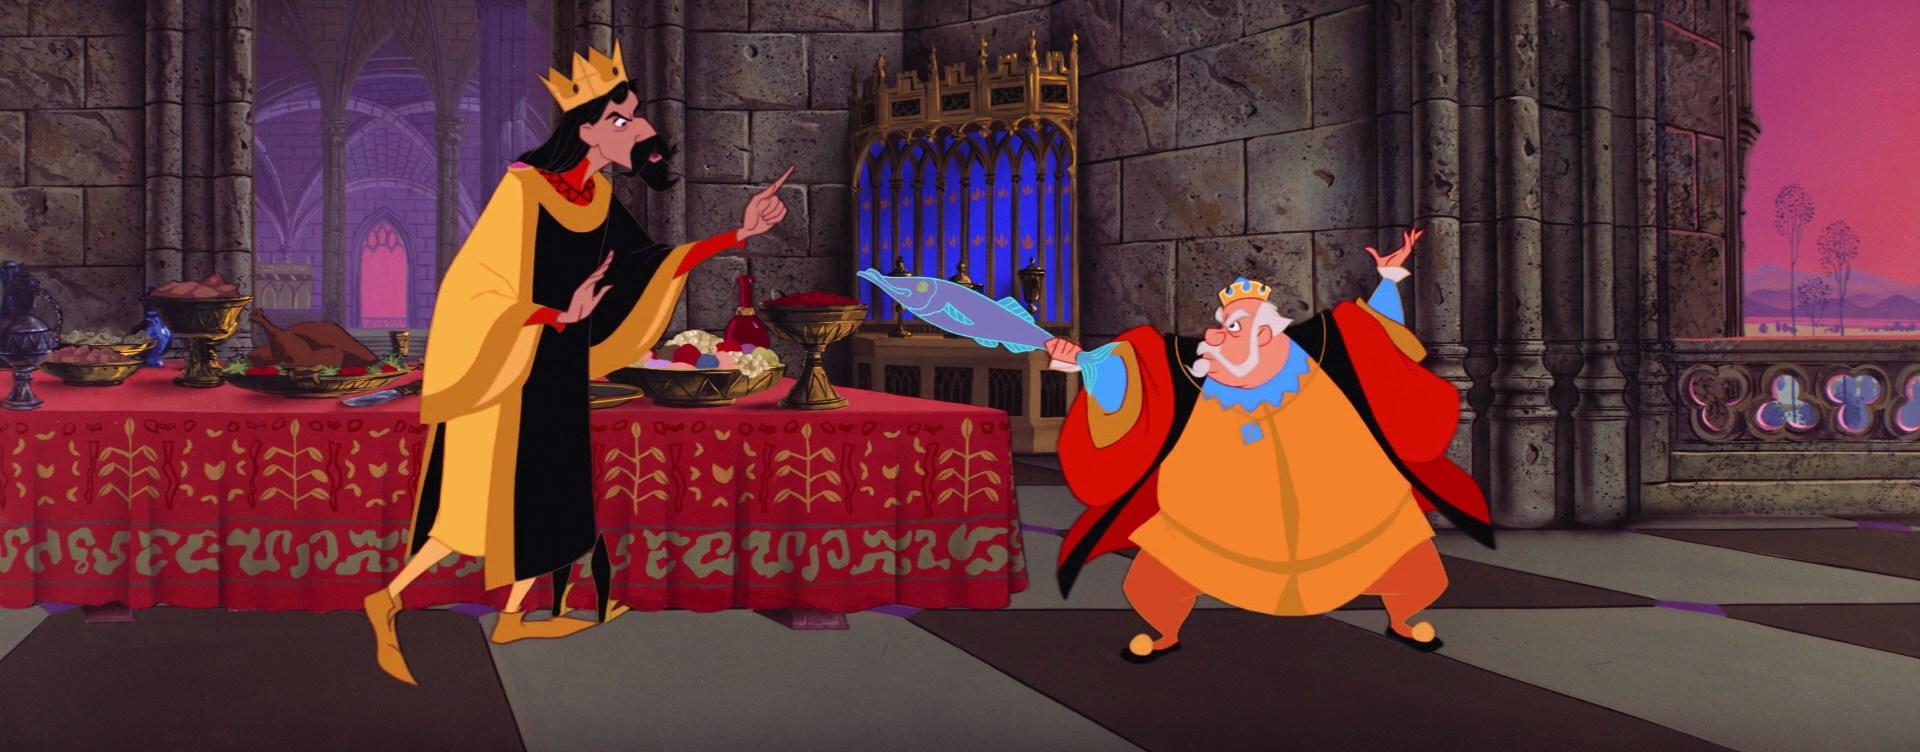 Episode 16: Sleeping Beauty -